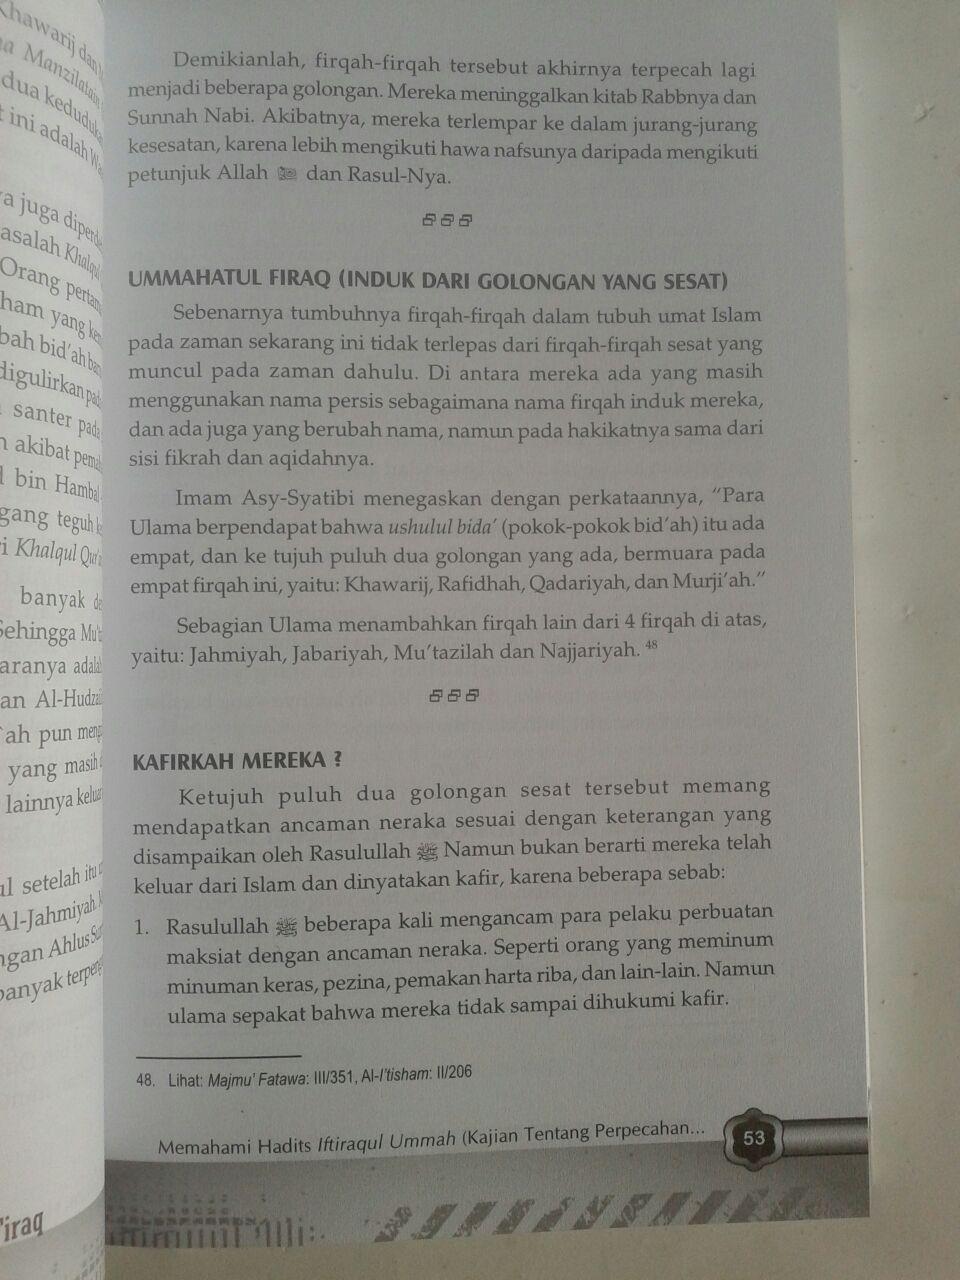 Buku Dirasatul Firaq Mengenal Madzhab Teologi Islam Klasik isi 2